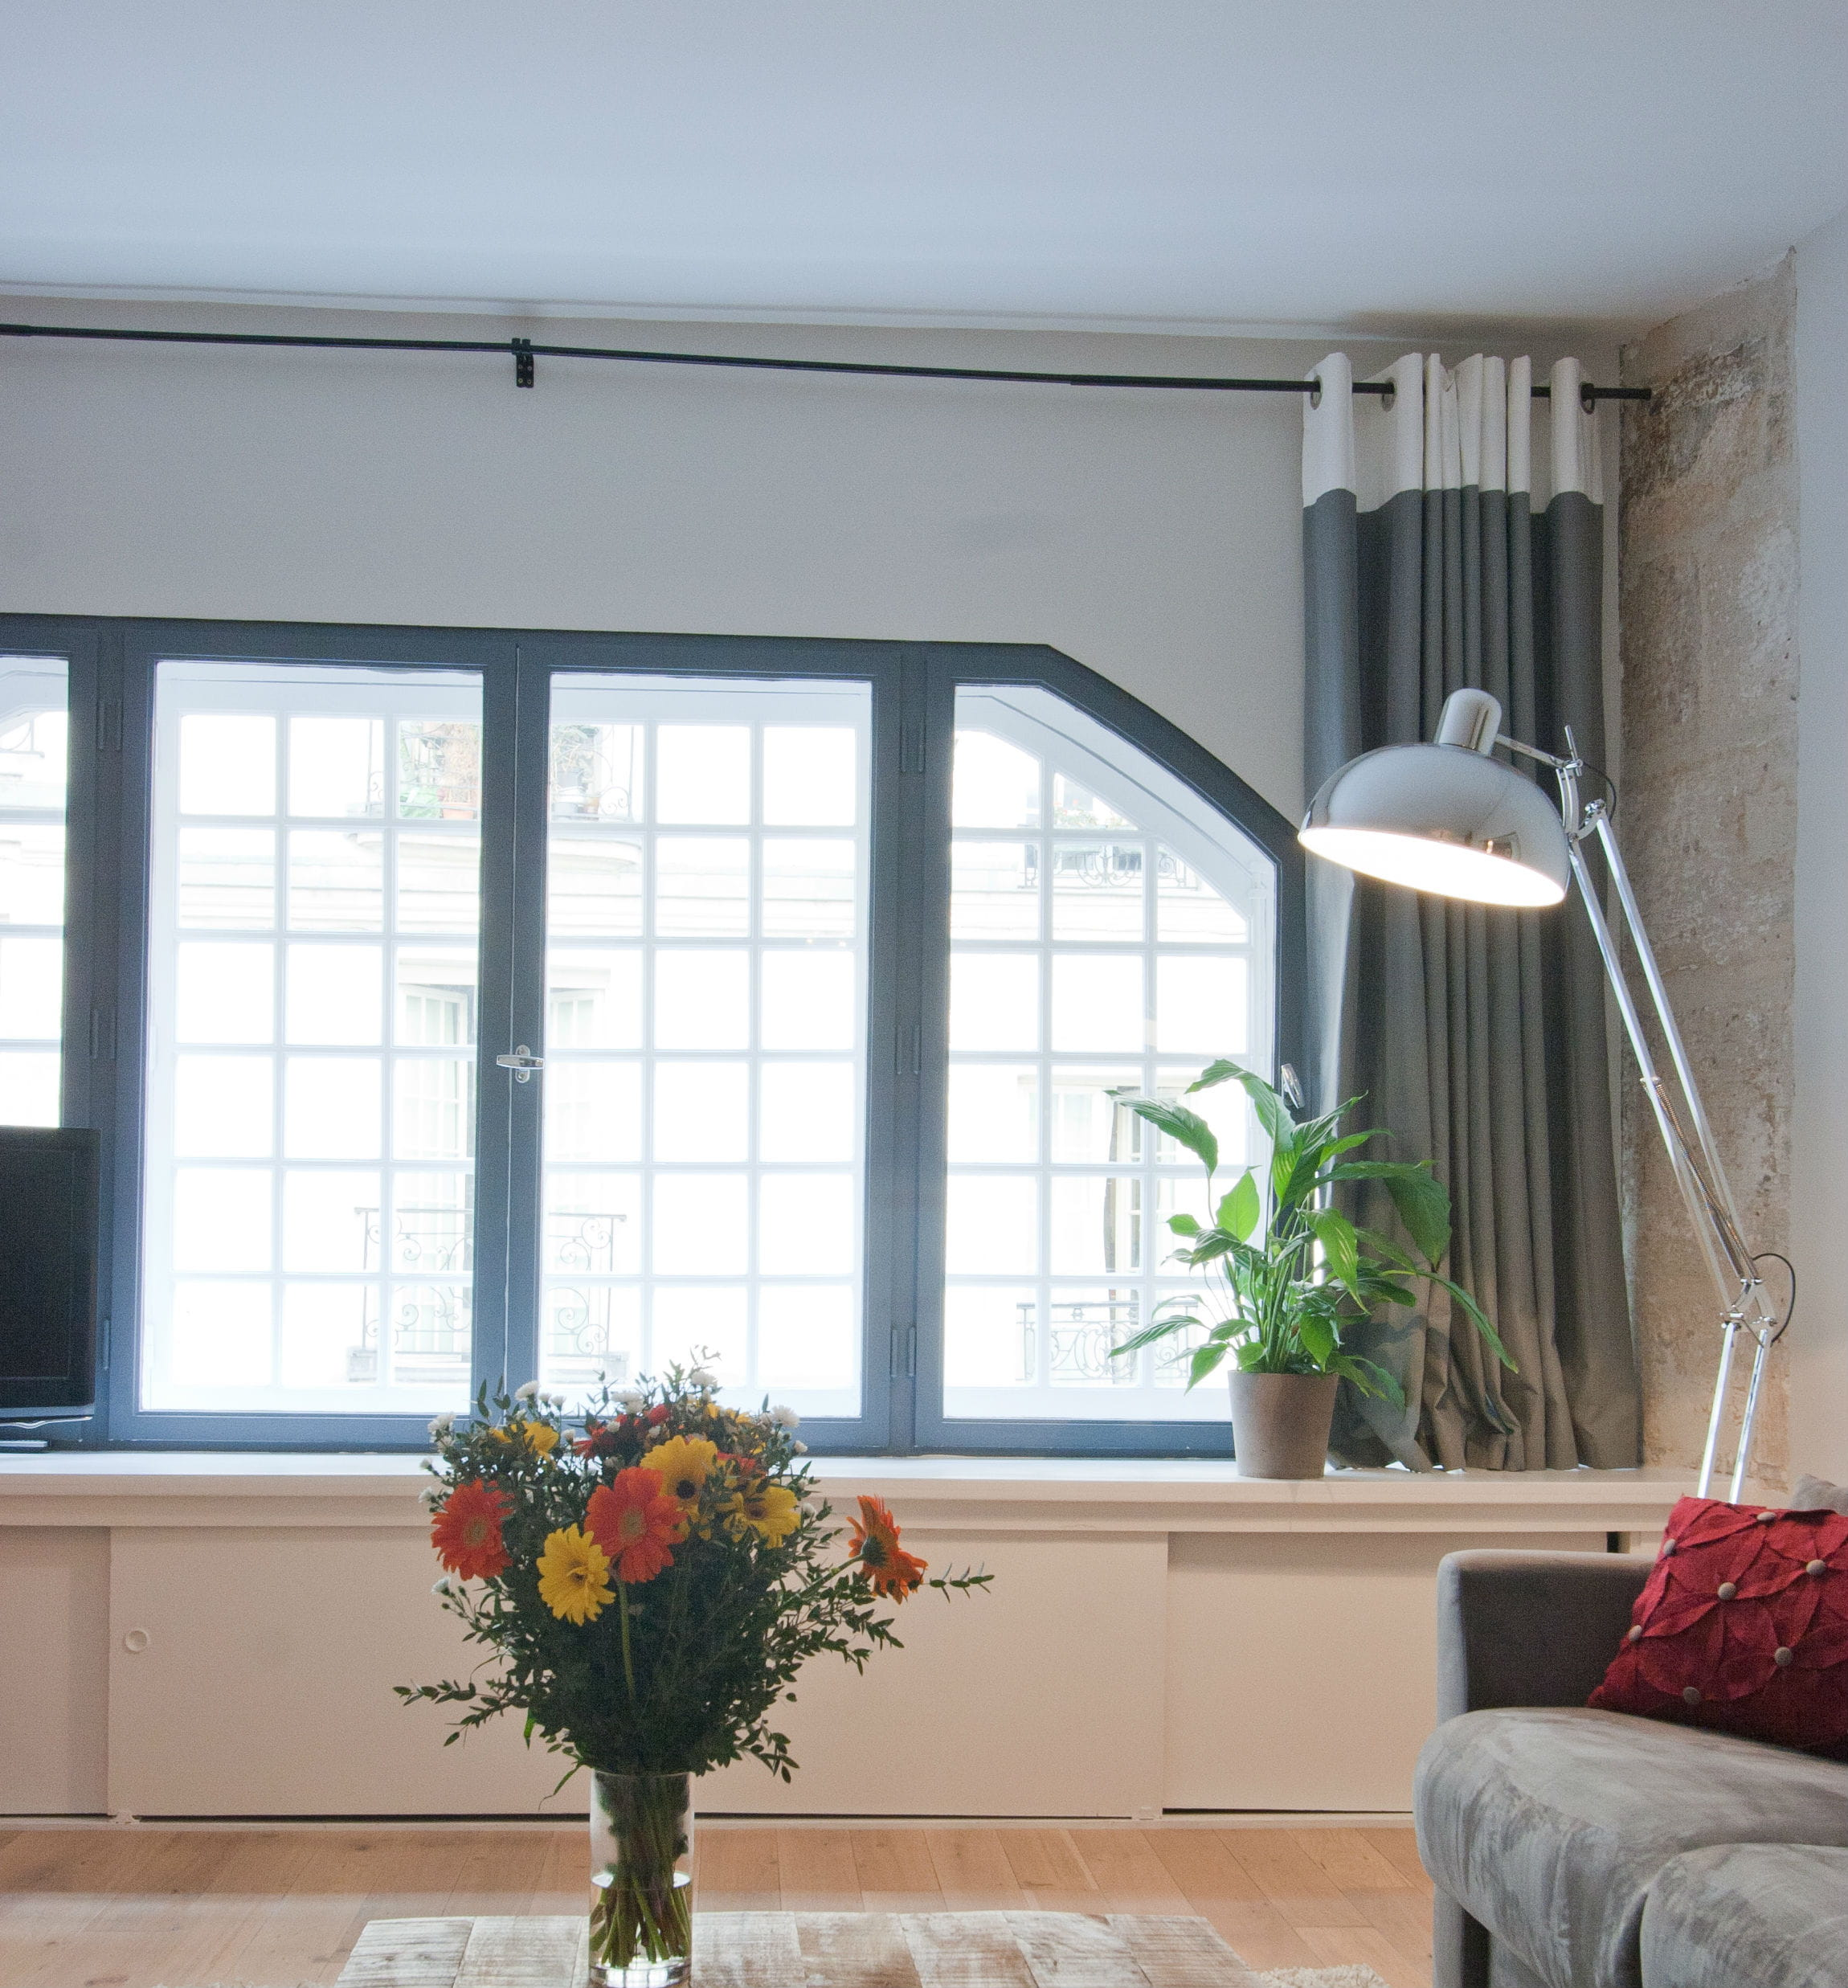 un nouvel encadrement de fen tre relooker son salon avec moins de 50 euros journal des femmes. Black Bedroom Furniture Sets. Home Design Ideas